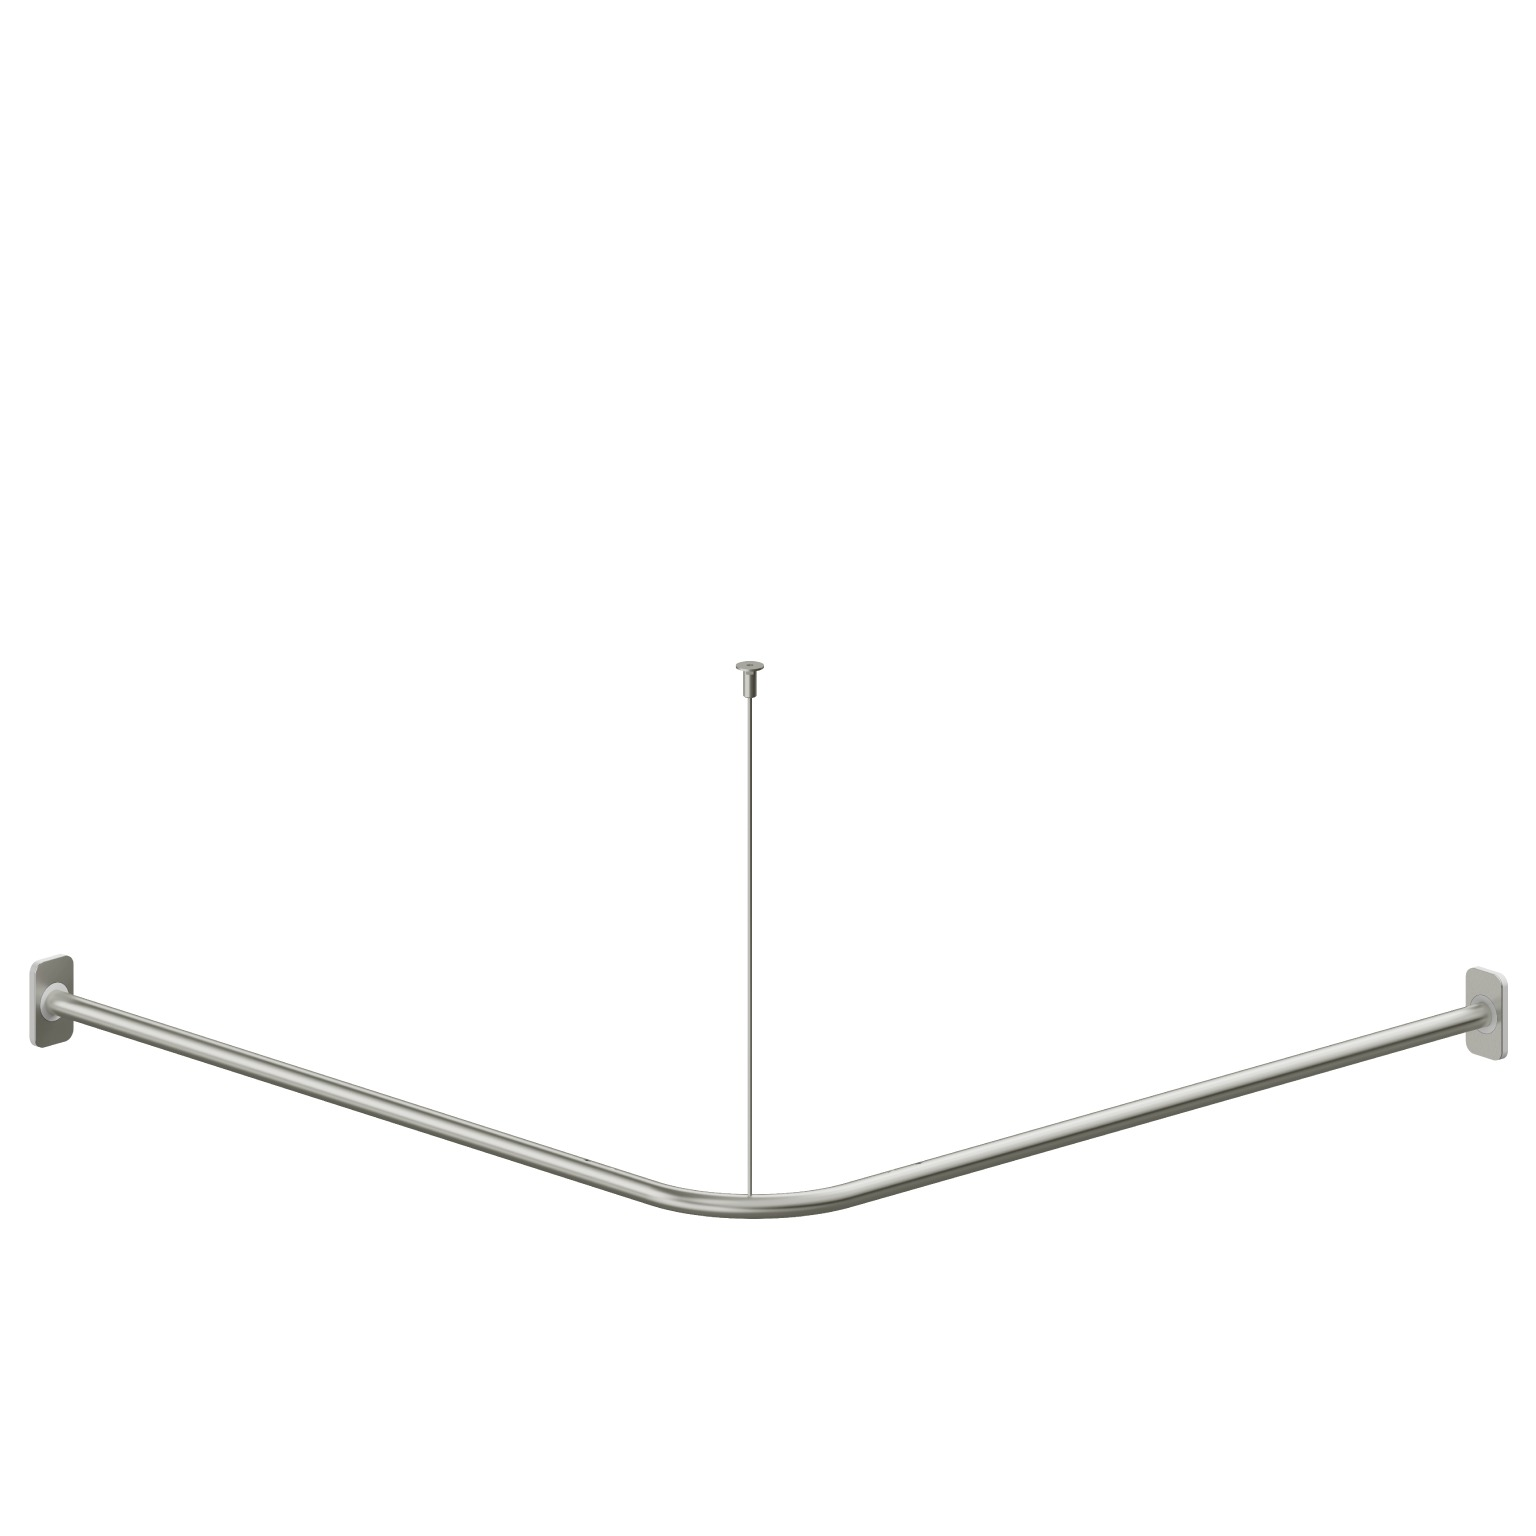 Foto - Eck-Vorhangstange, Edelstahl matt gebürstet, Flansche weiß, Maße 900 x 900 mm - Serie Evolution von Lehnen - L33101001